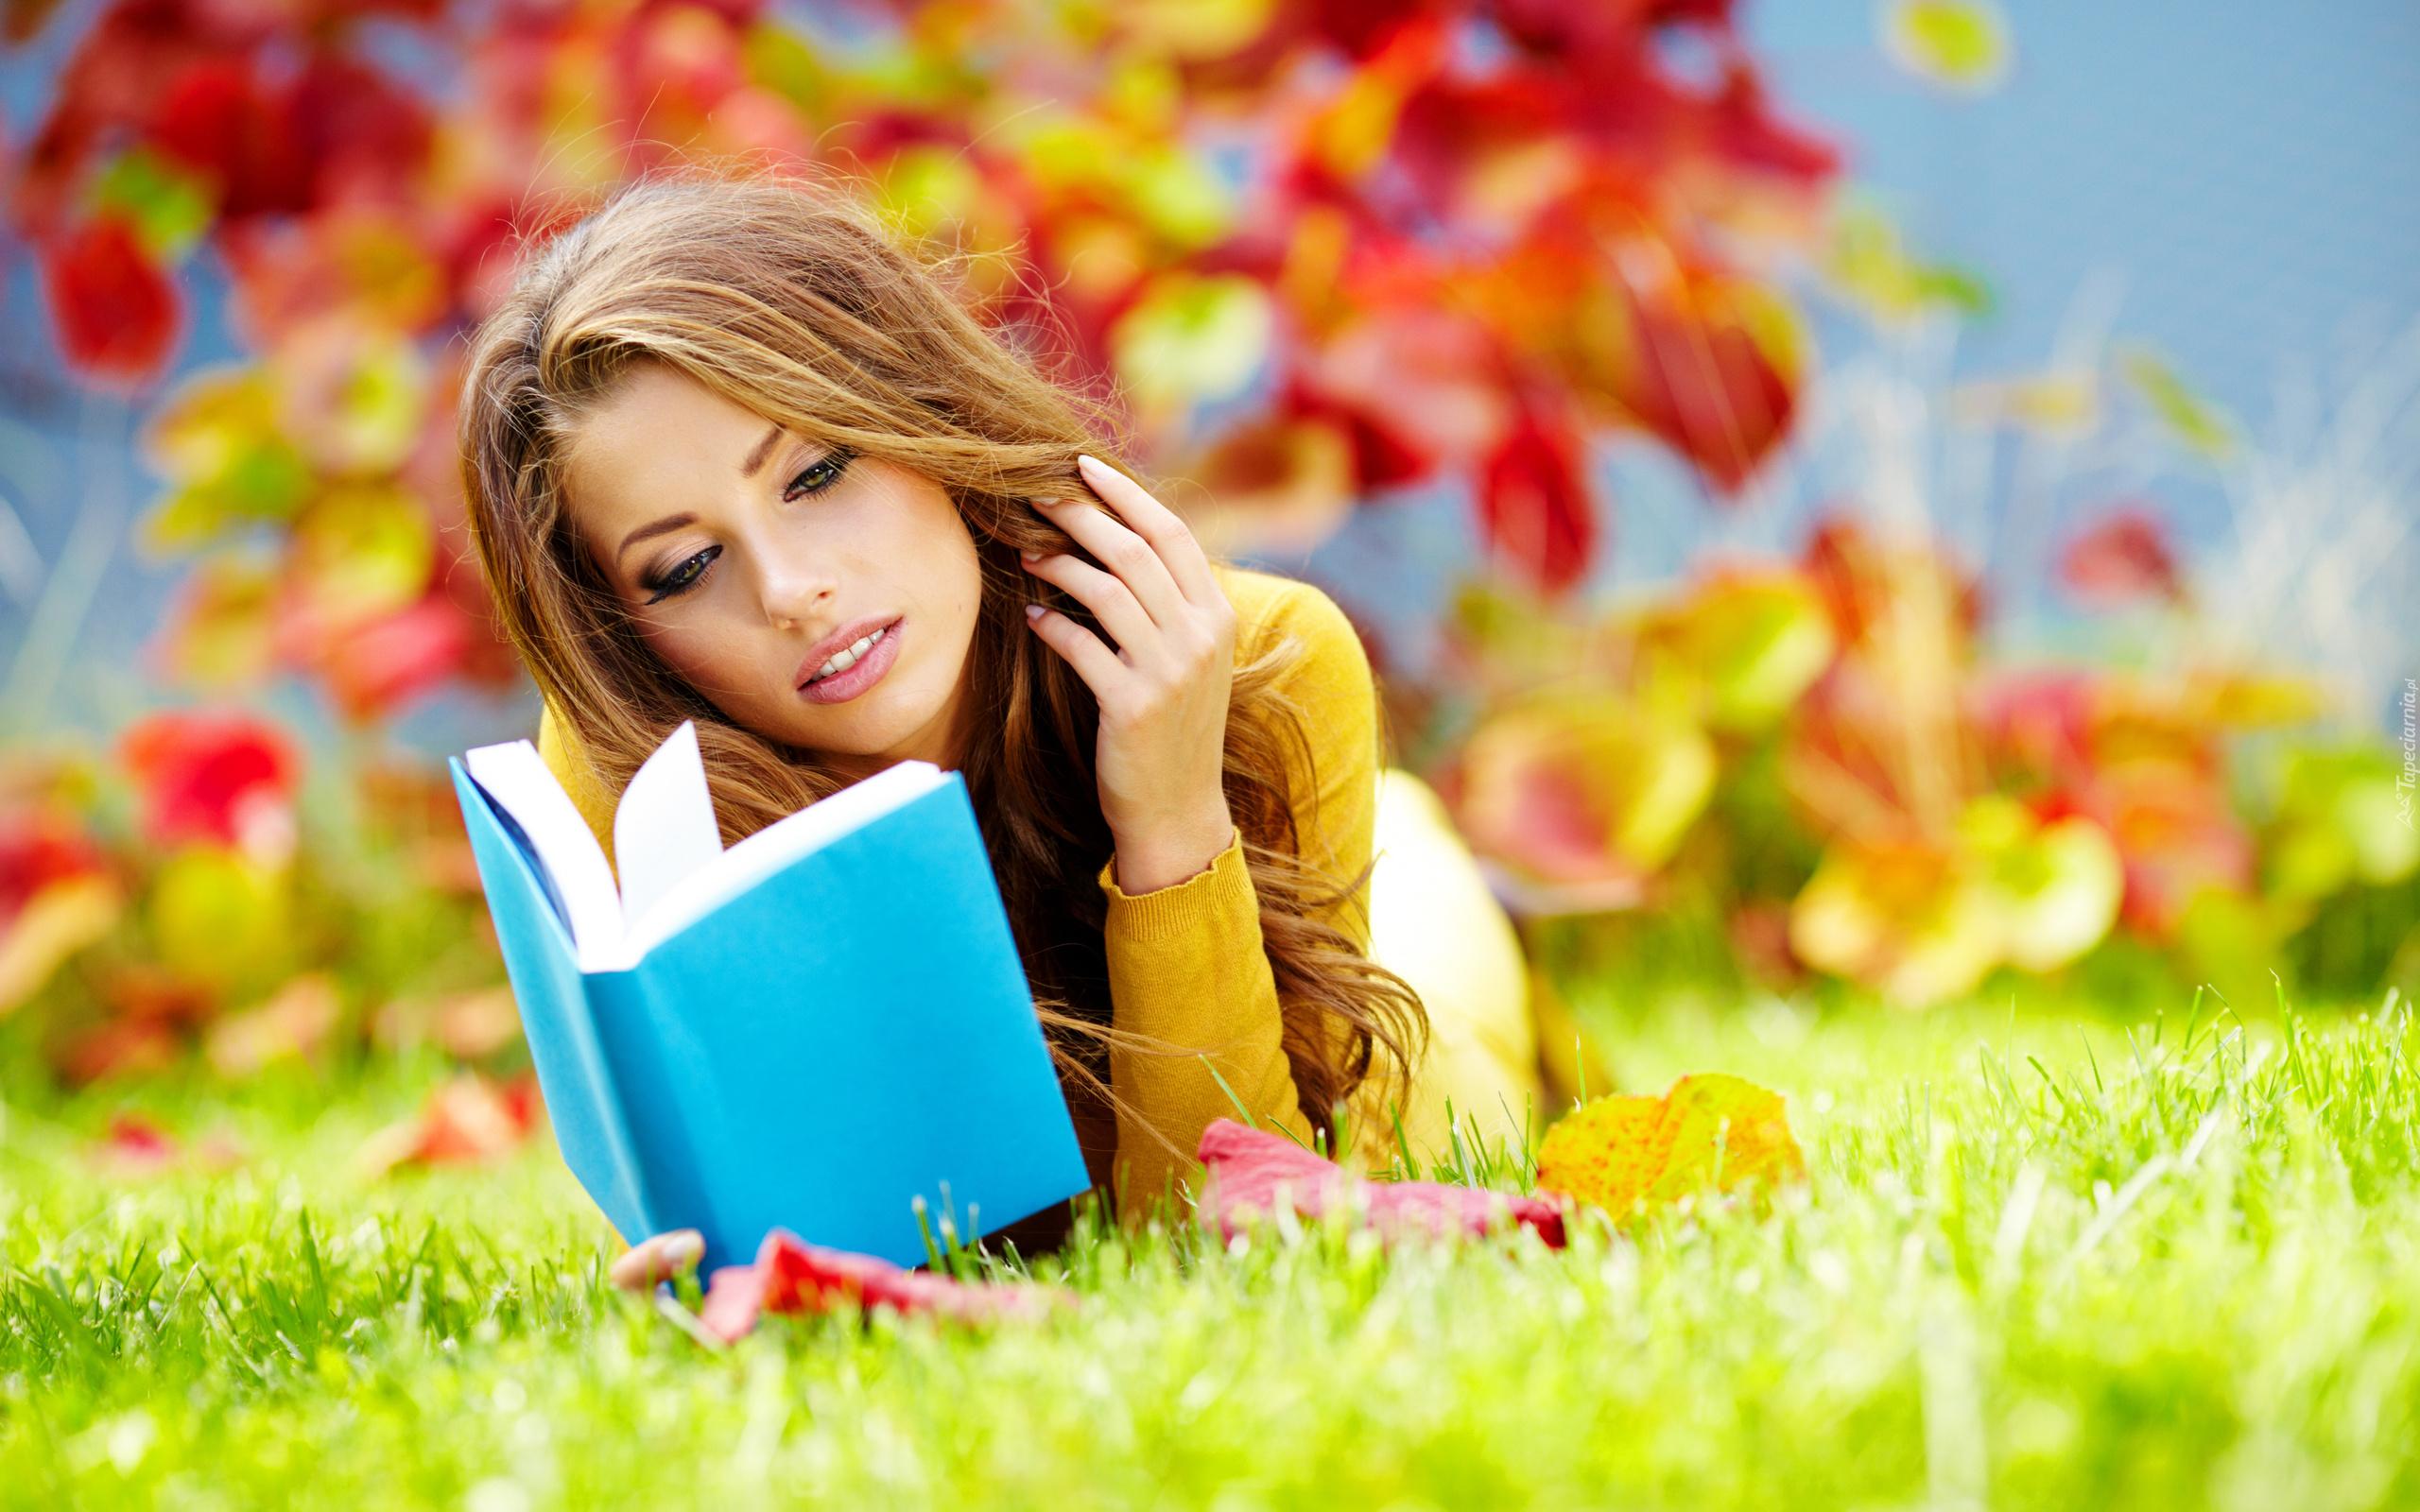 http://www.tapeciarnia.pl/tapety/normalne/183997_kobieta_jesien_park_liscie_trawa_ksiazka.jpg